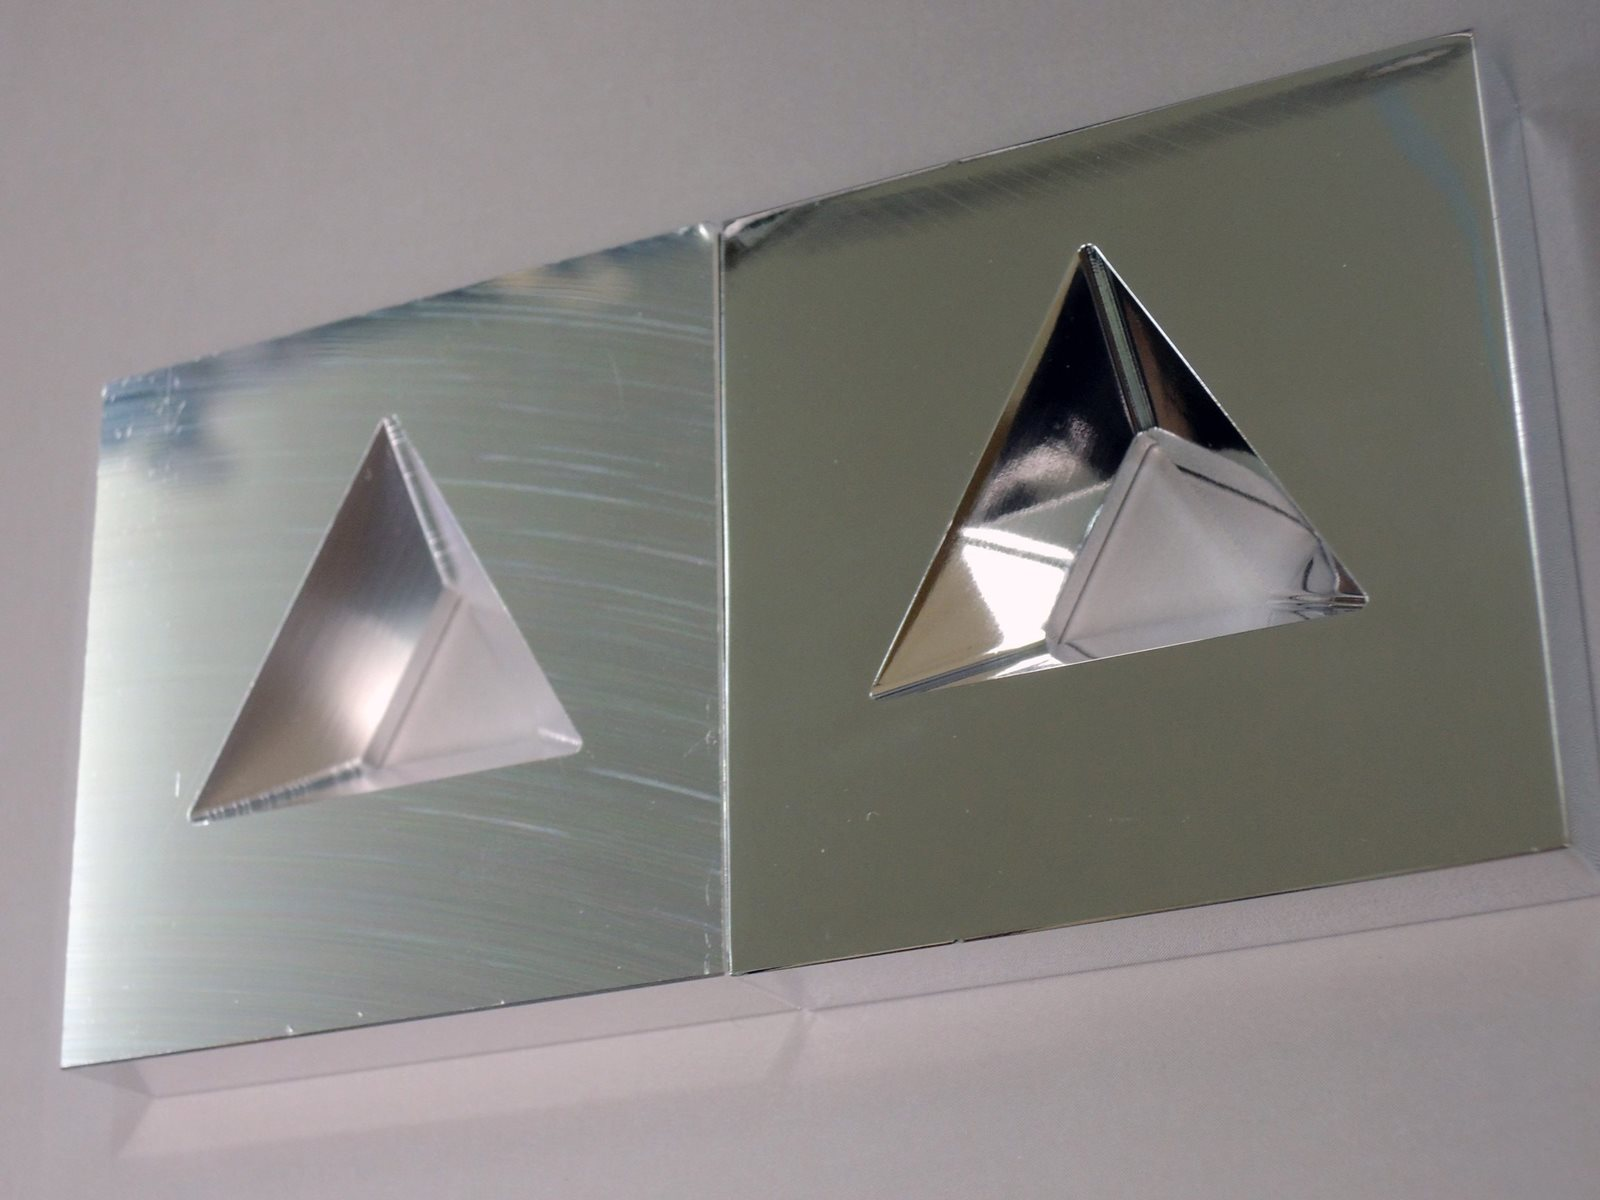 アルミニウム電解研磨